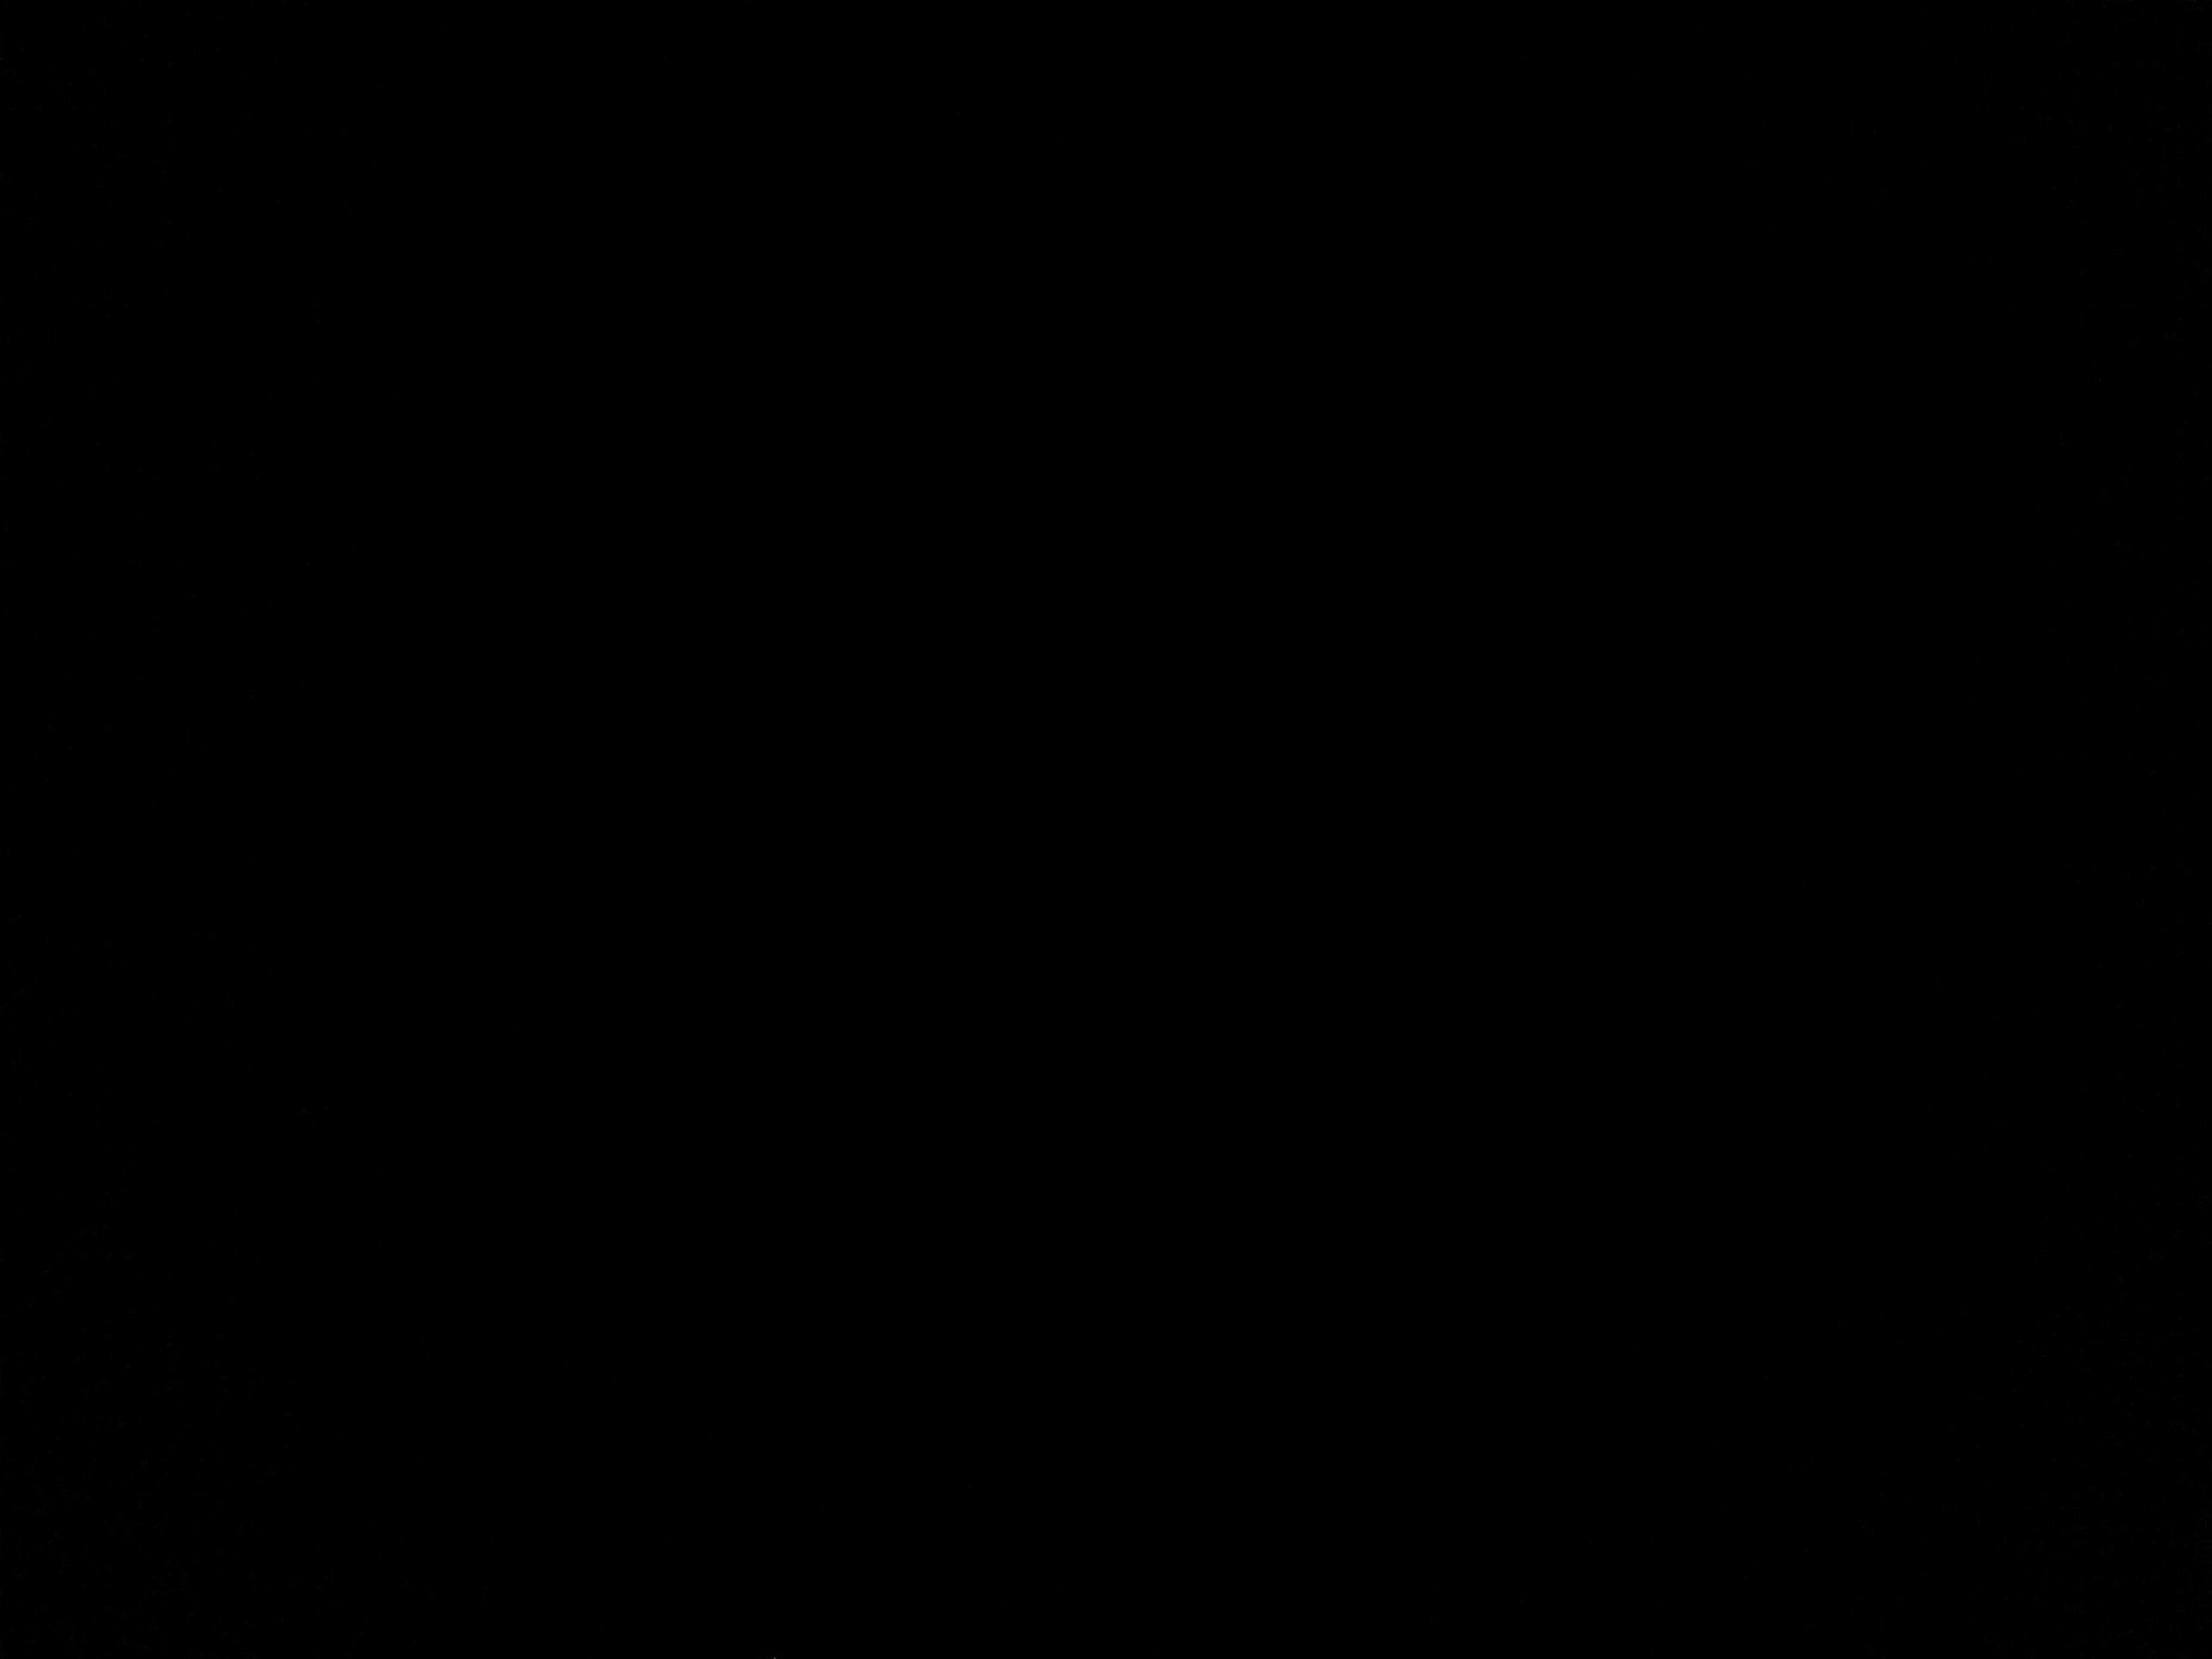 yoncak